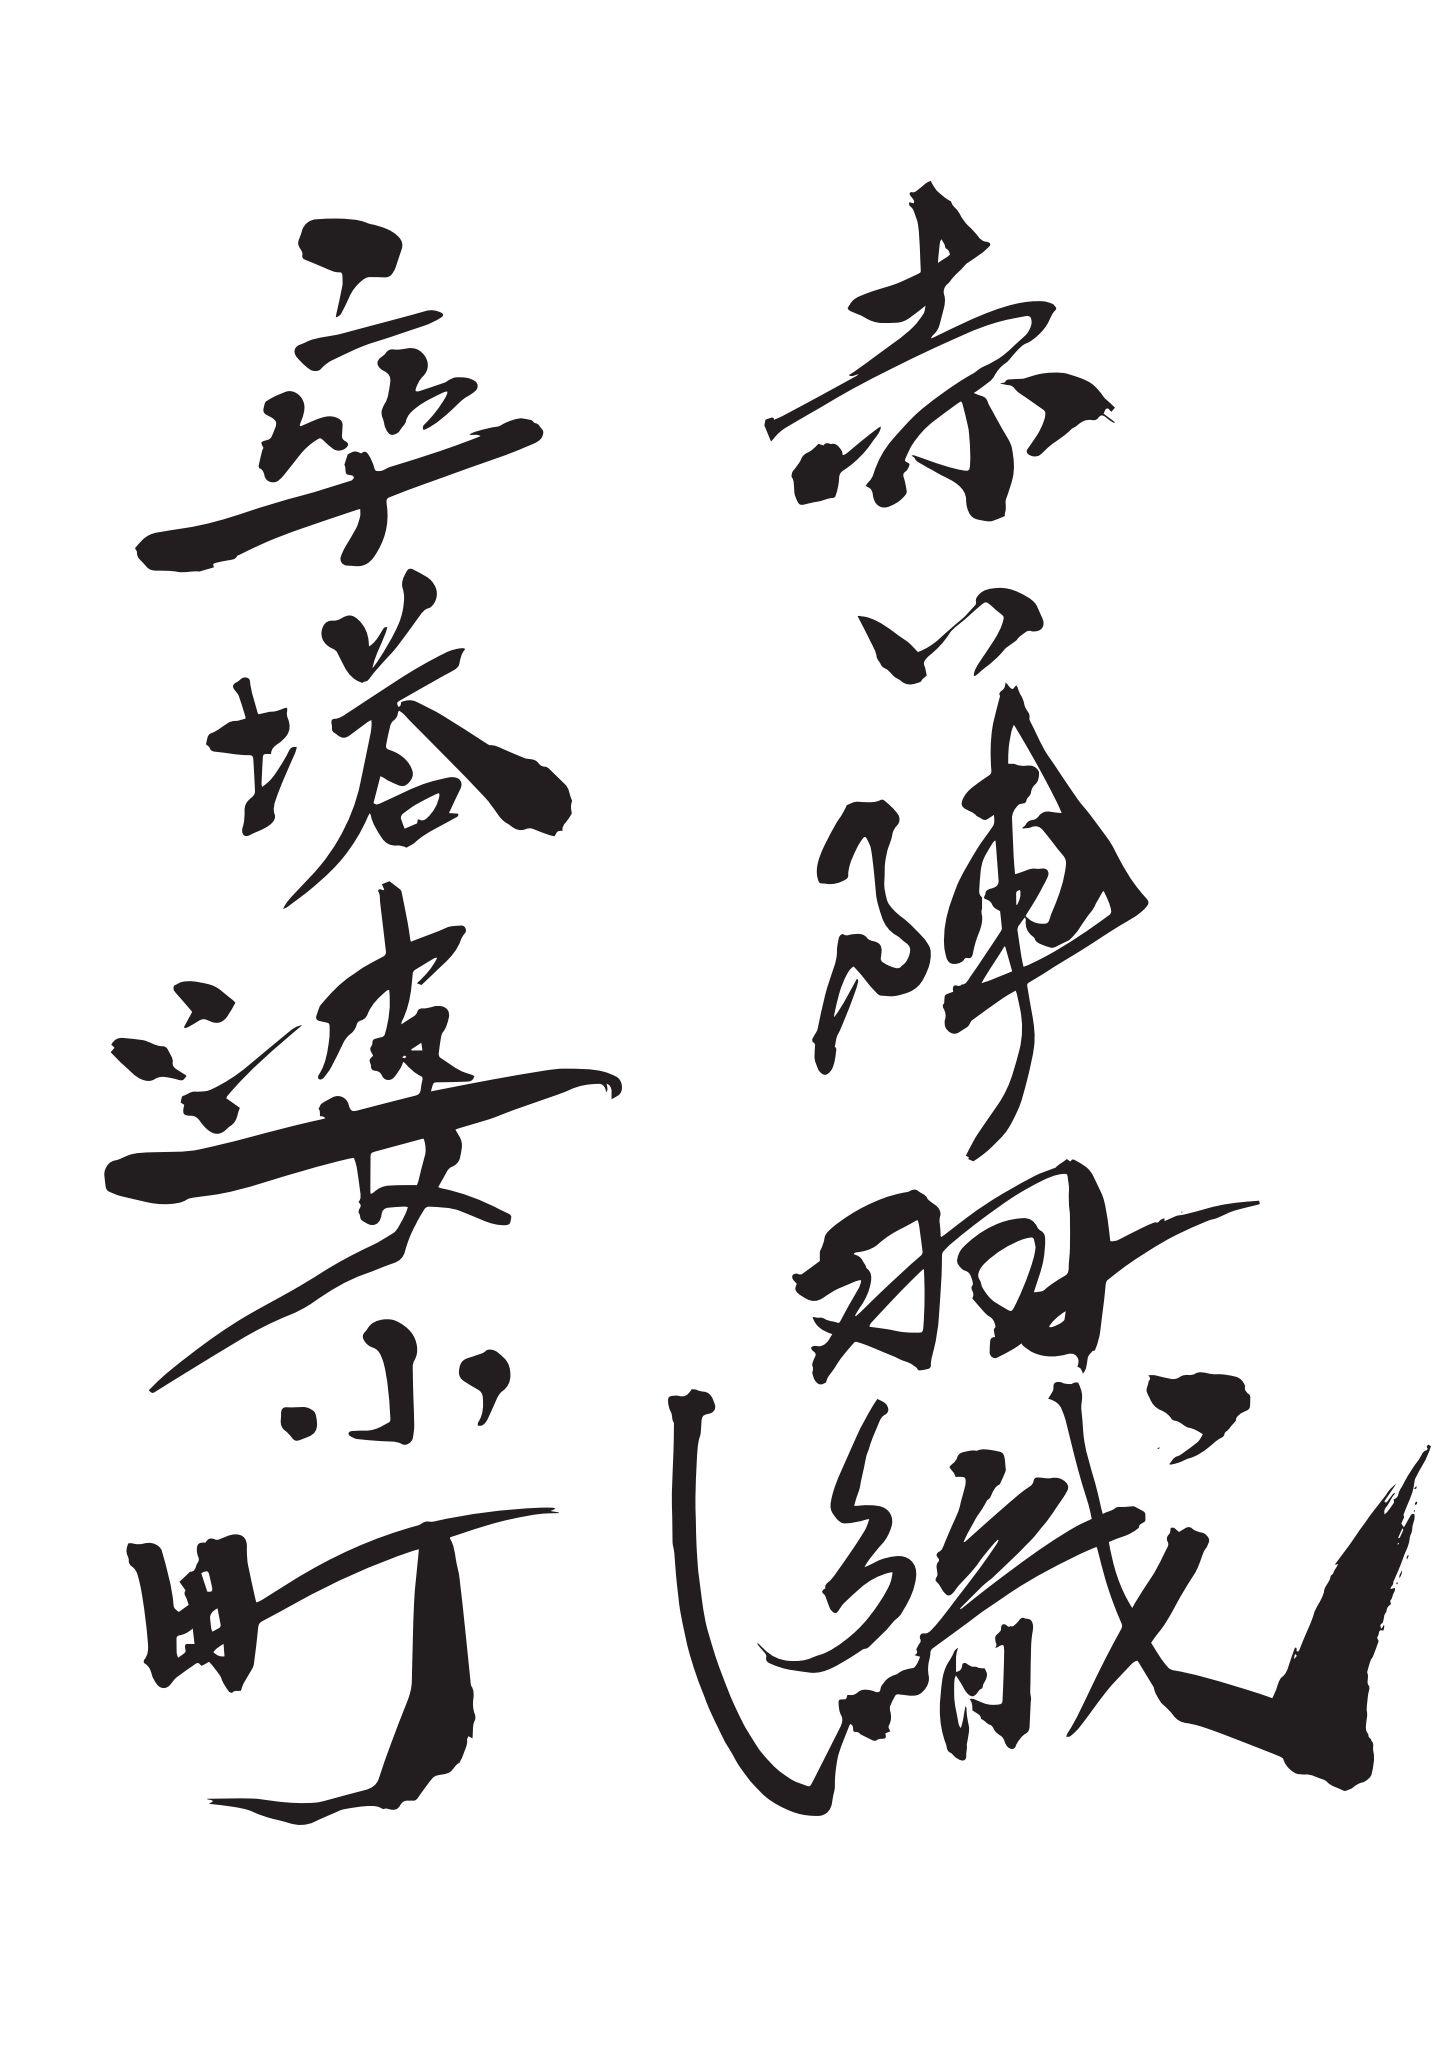 堺シティオペラ第36回定期公演 オペラ「卒塔婆小町」「赤い陣羽織」